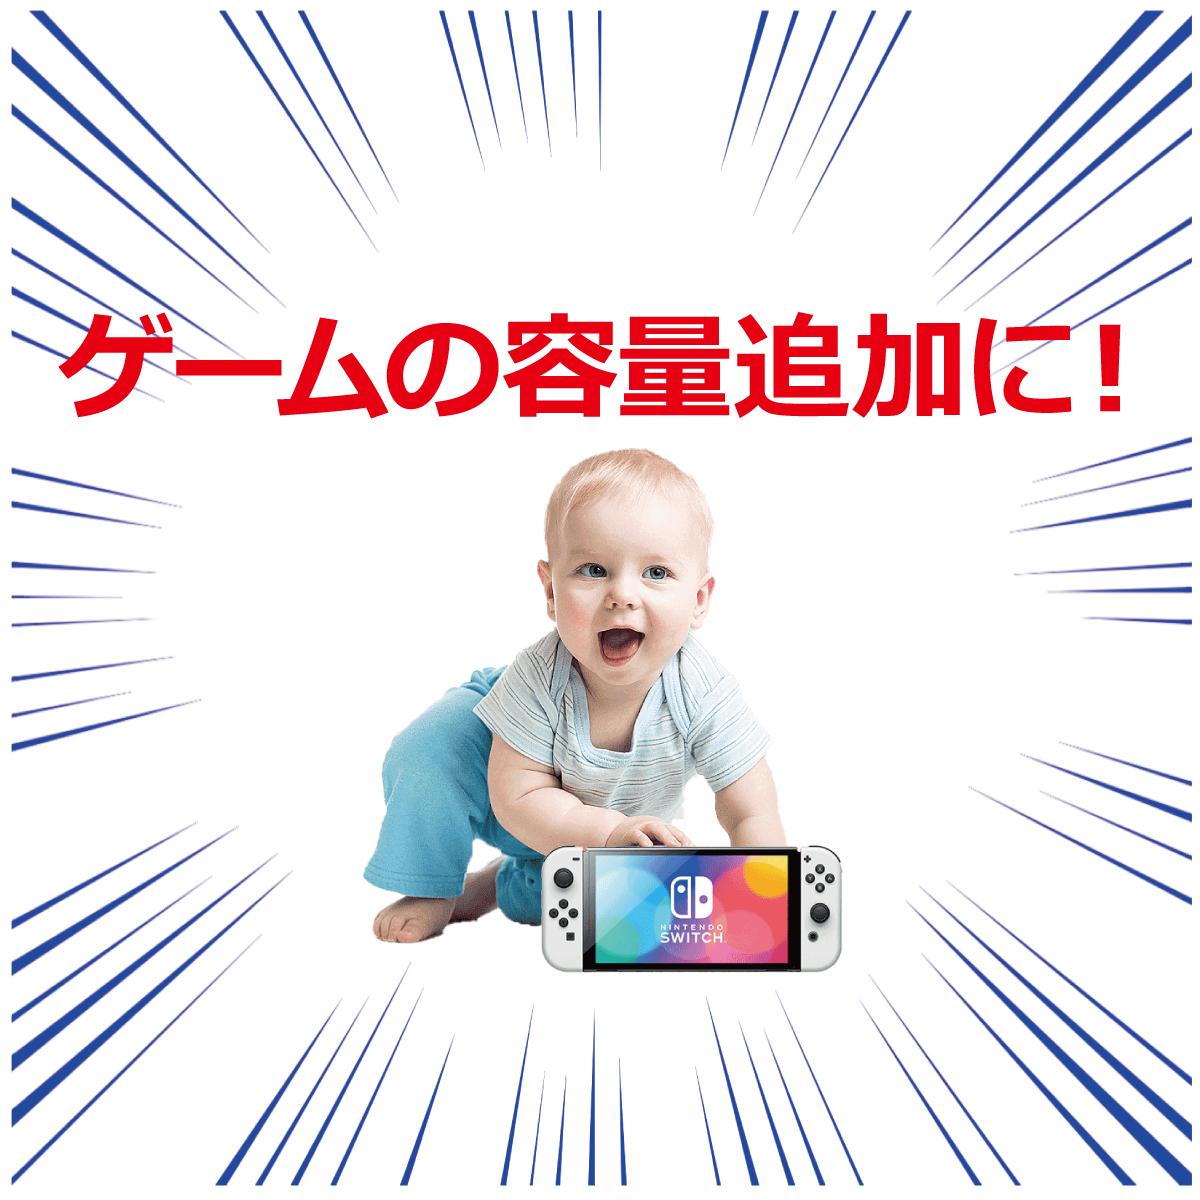 Nintendo Switch SDカード microSD カード 64GB マイクロ メモリーカード おすすめ